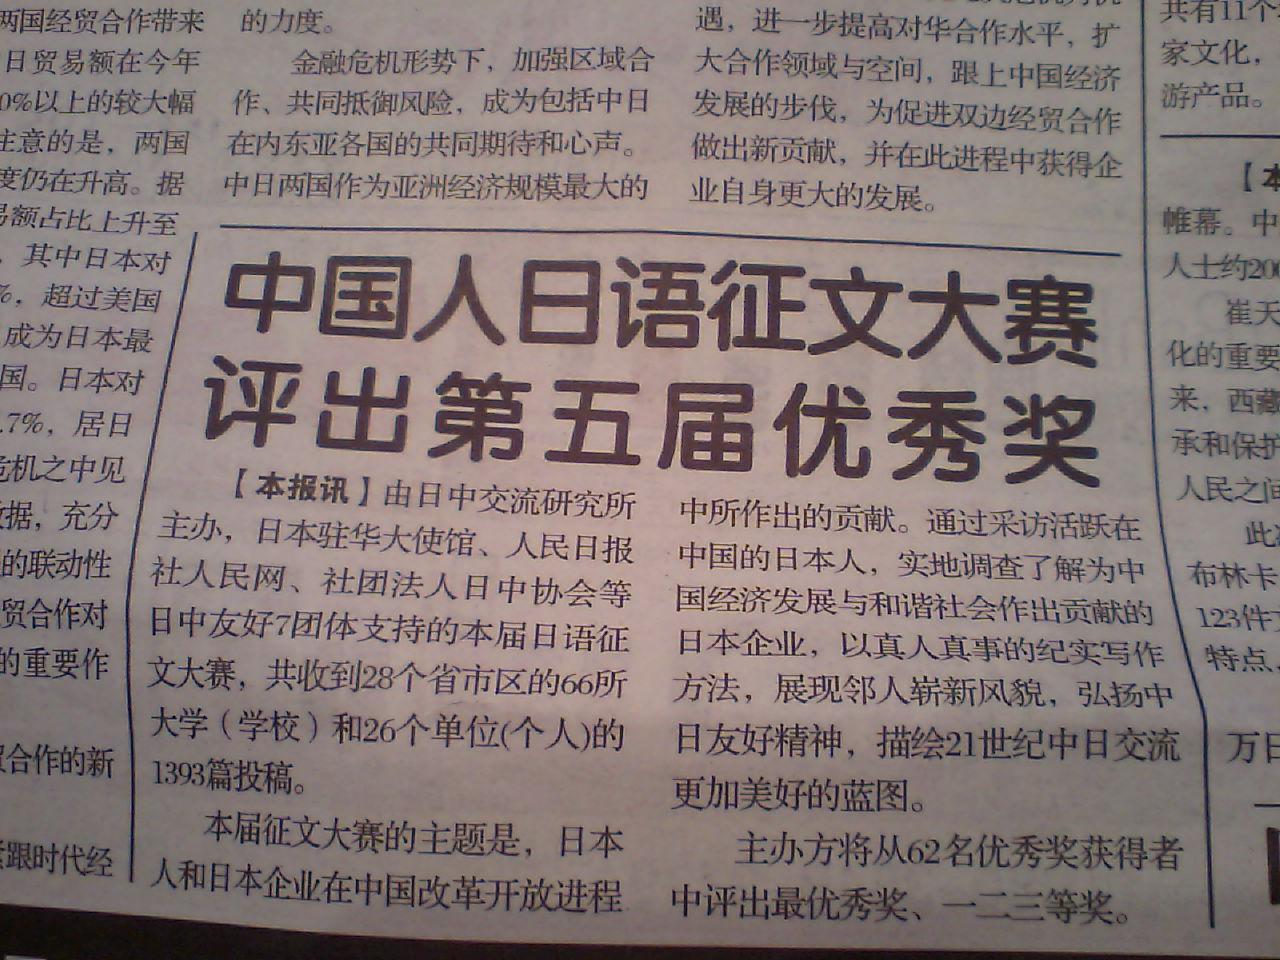 華風新聞 第五回中国人の日本語作文コンクール優秀賞決定を報道_d0027795_2191038.jpg